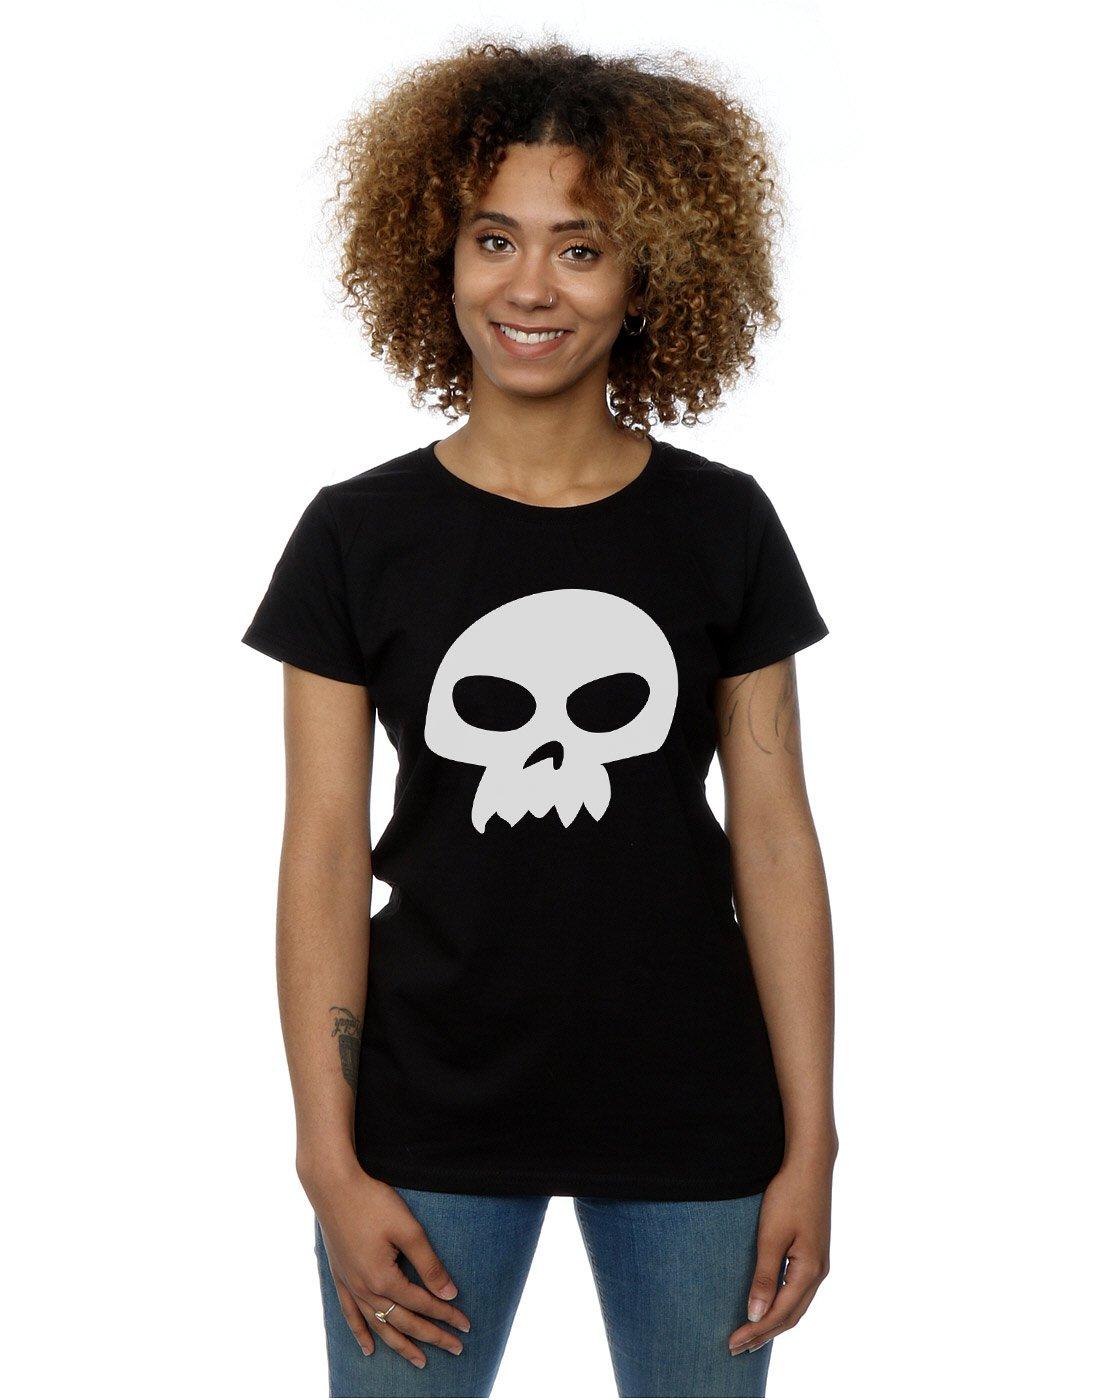 Disney Toy Story Sids Skull Tshirt